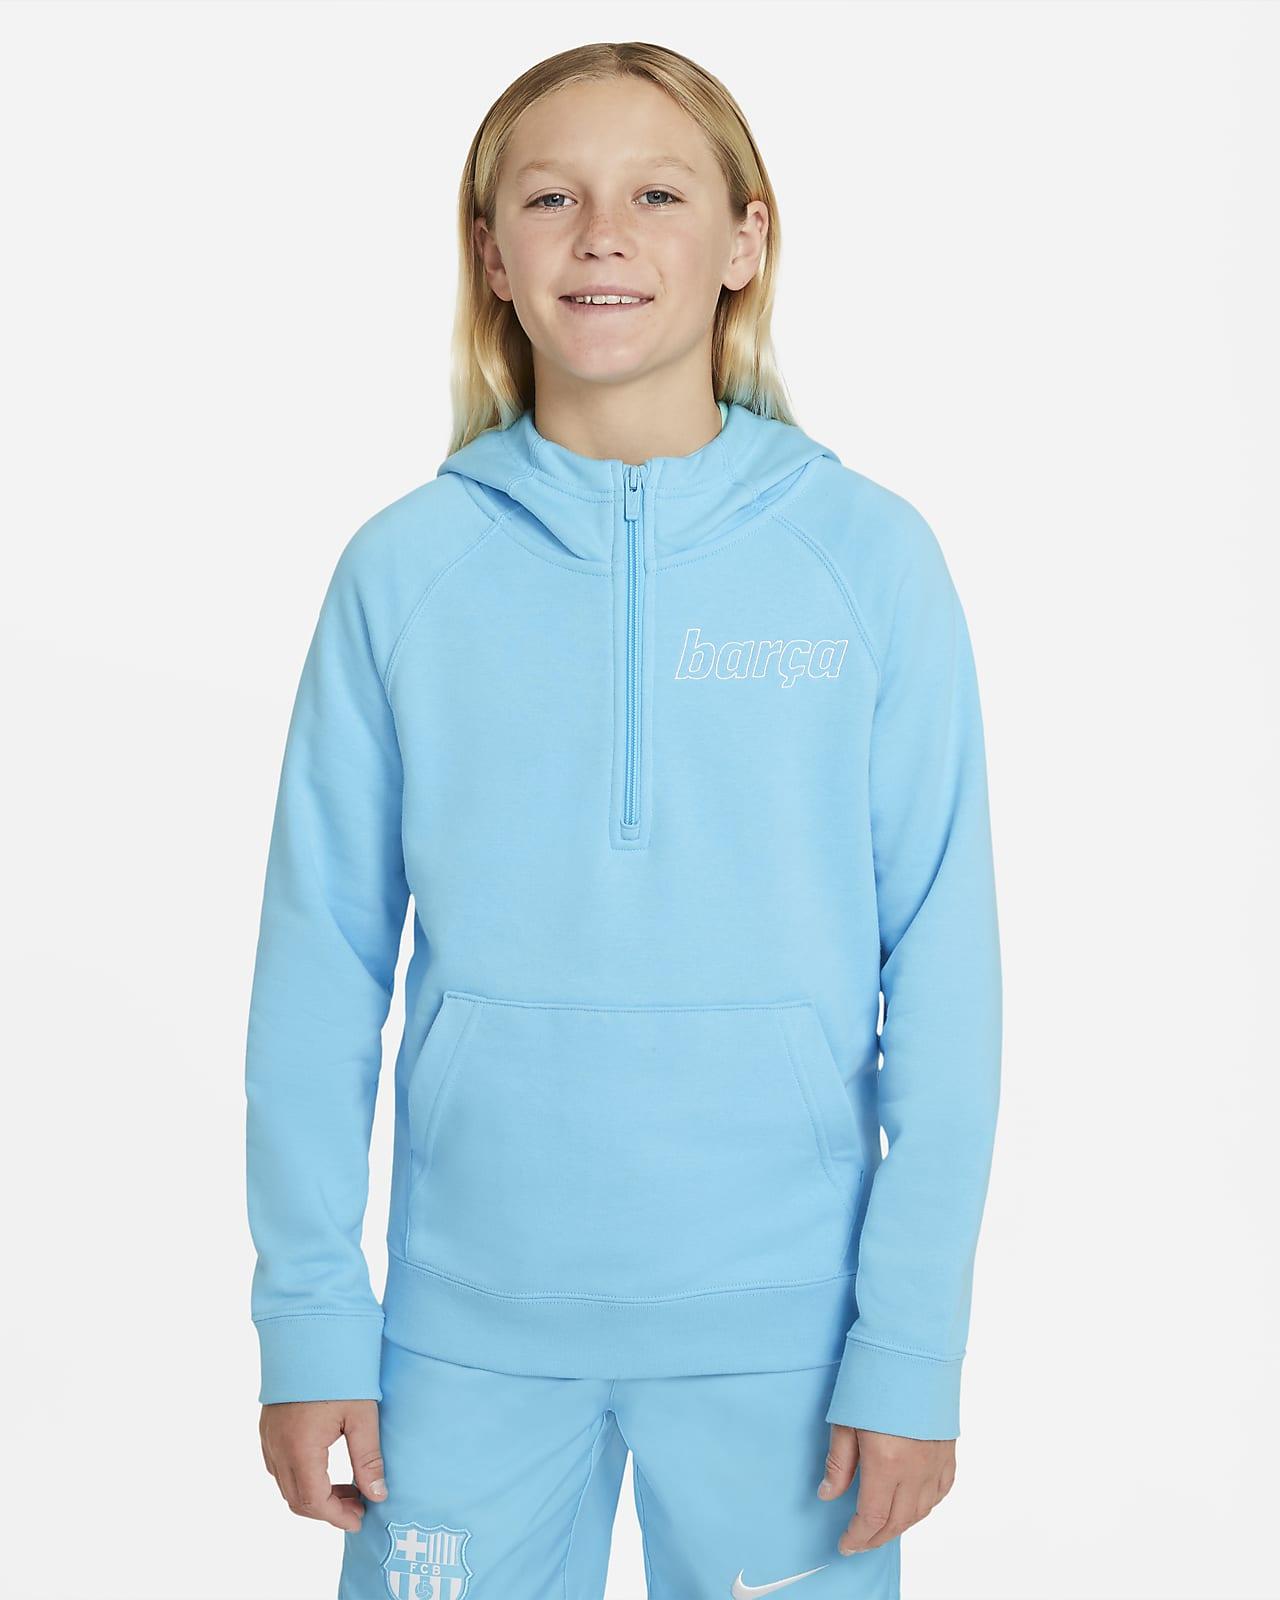 Nike Sportswear F.C. Barcelona Older Kids' 1/2-Zip Hoodie